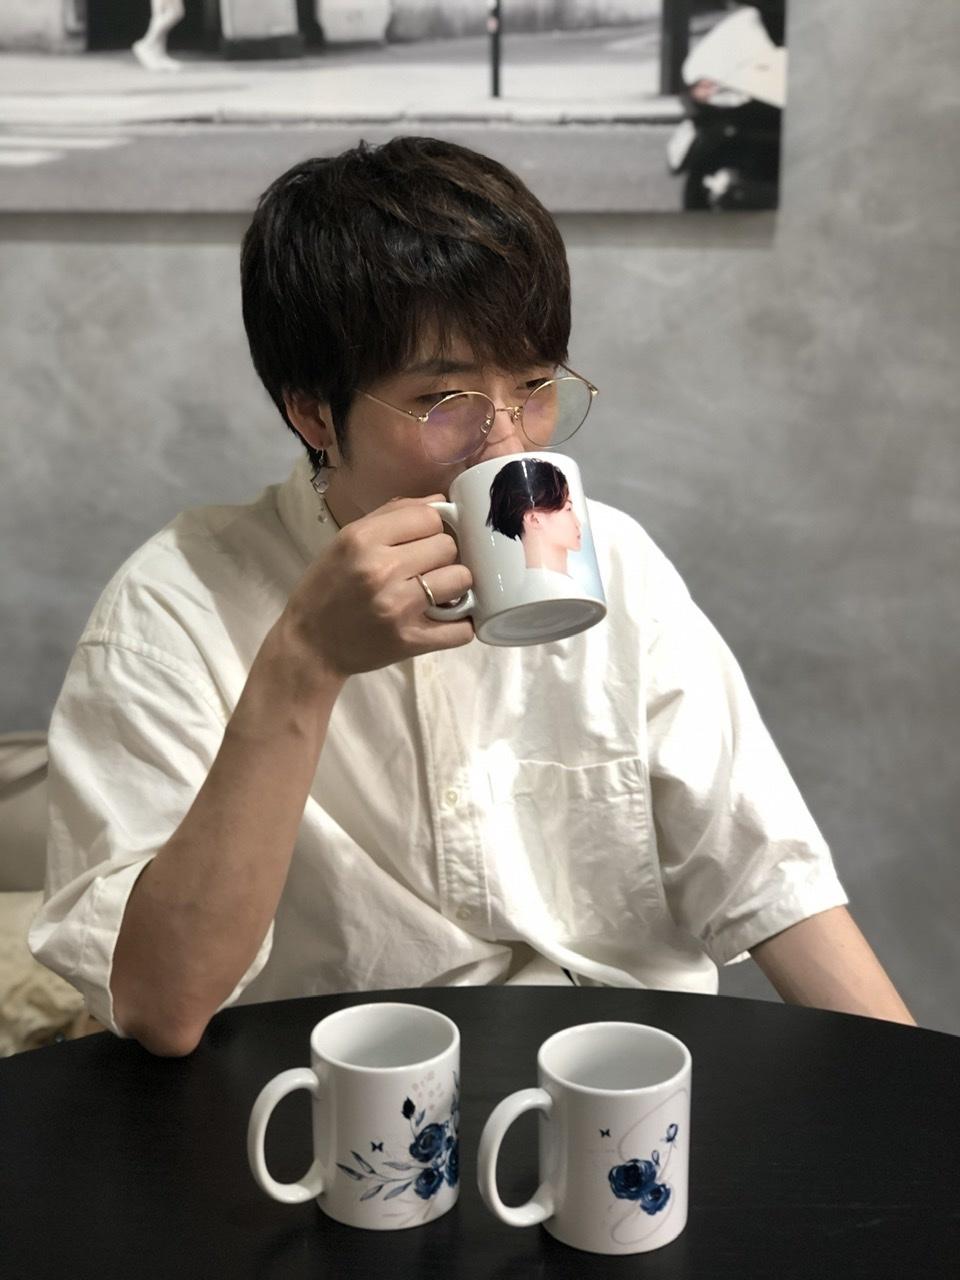 Seijiroオフィシャルファンクラブ「BLUE ROSE」オープン記念マグカップ製作中_a0157409_13594352.jpeg